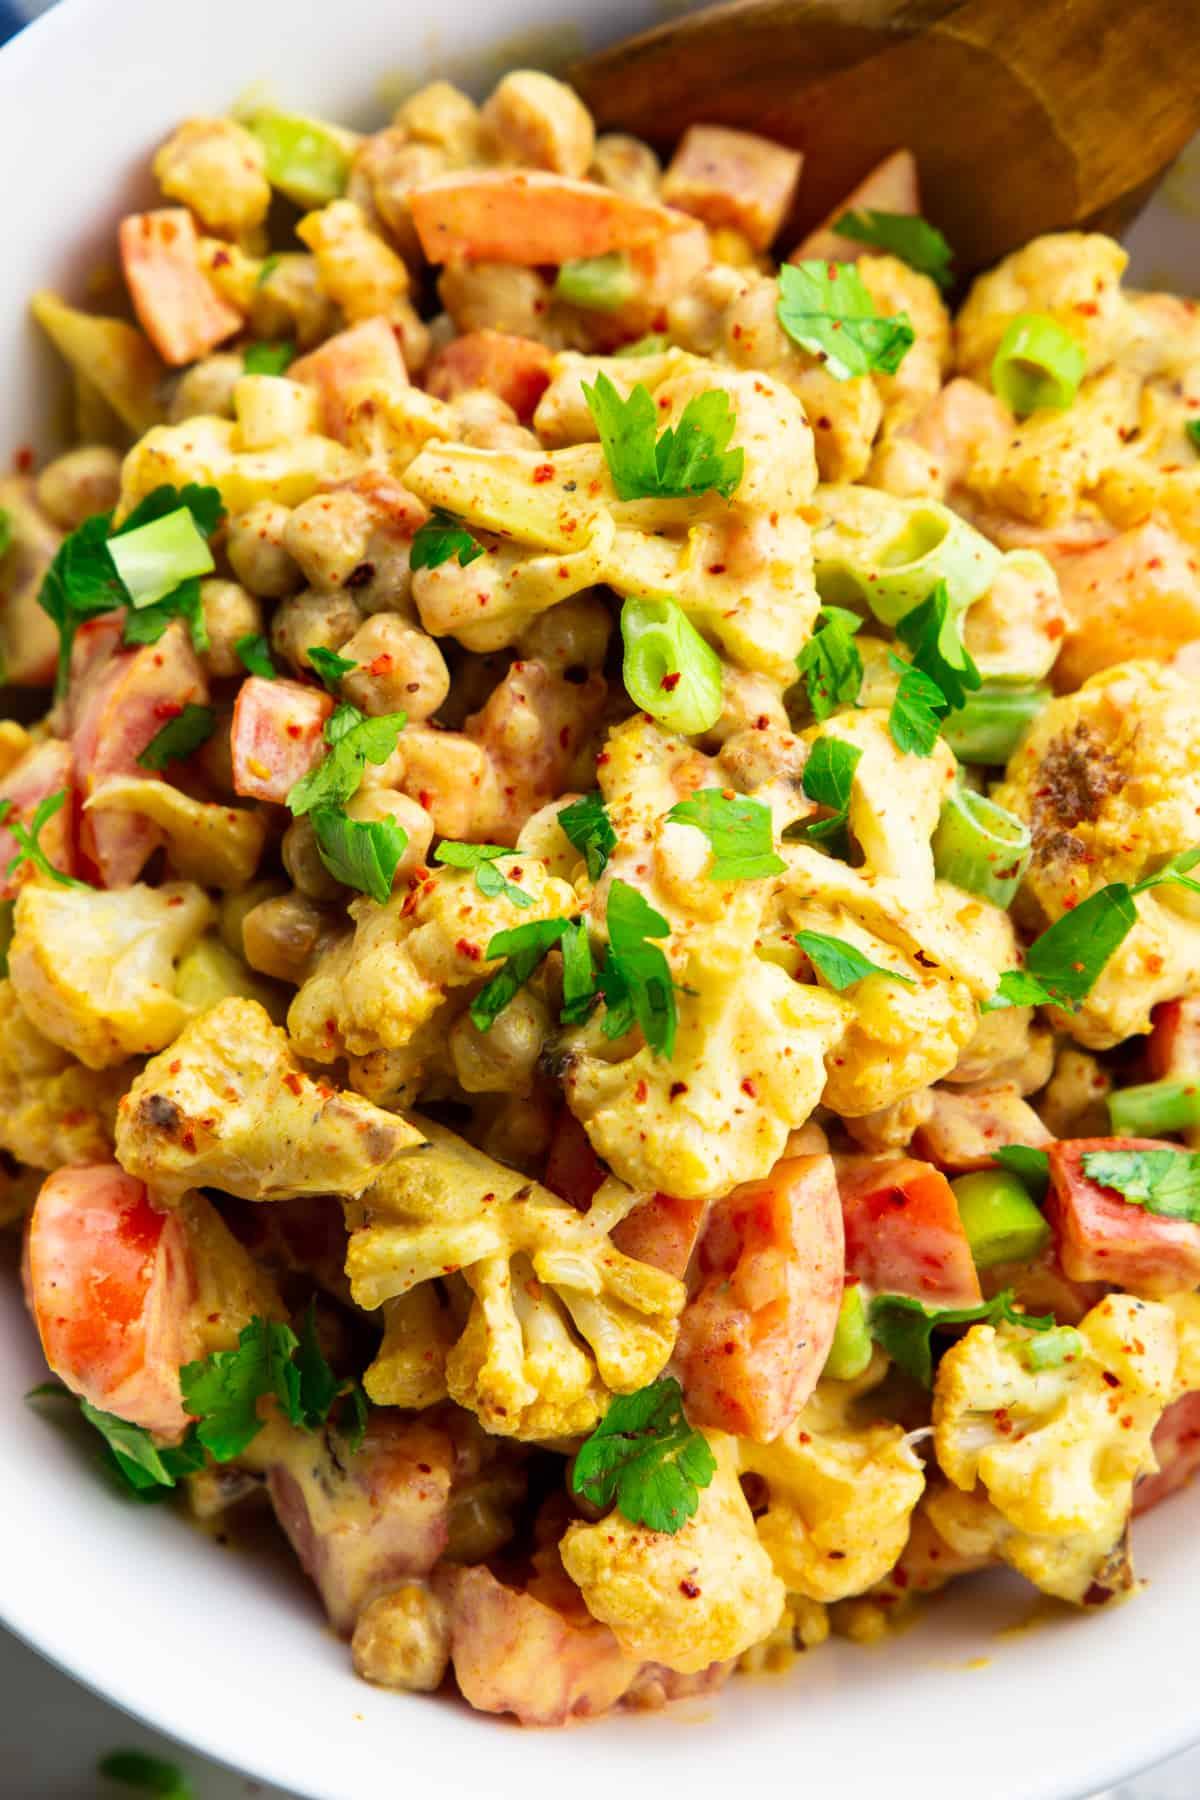 Nahaufnahme eines Salats mit Blumenkohl, Kichererbsen, Tomaten und Frühlingszwiebel in einer Schüssel